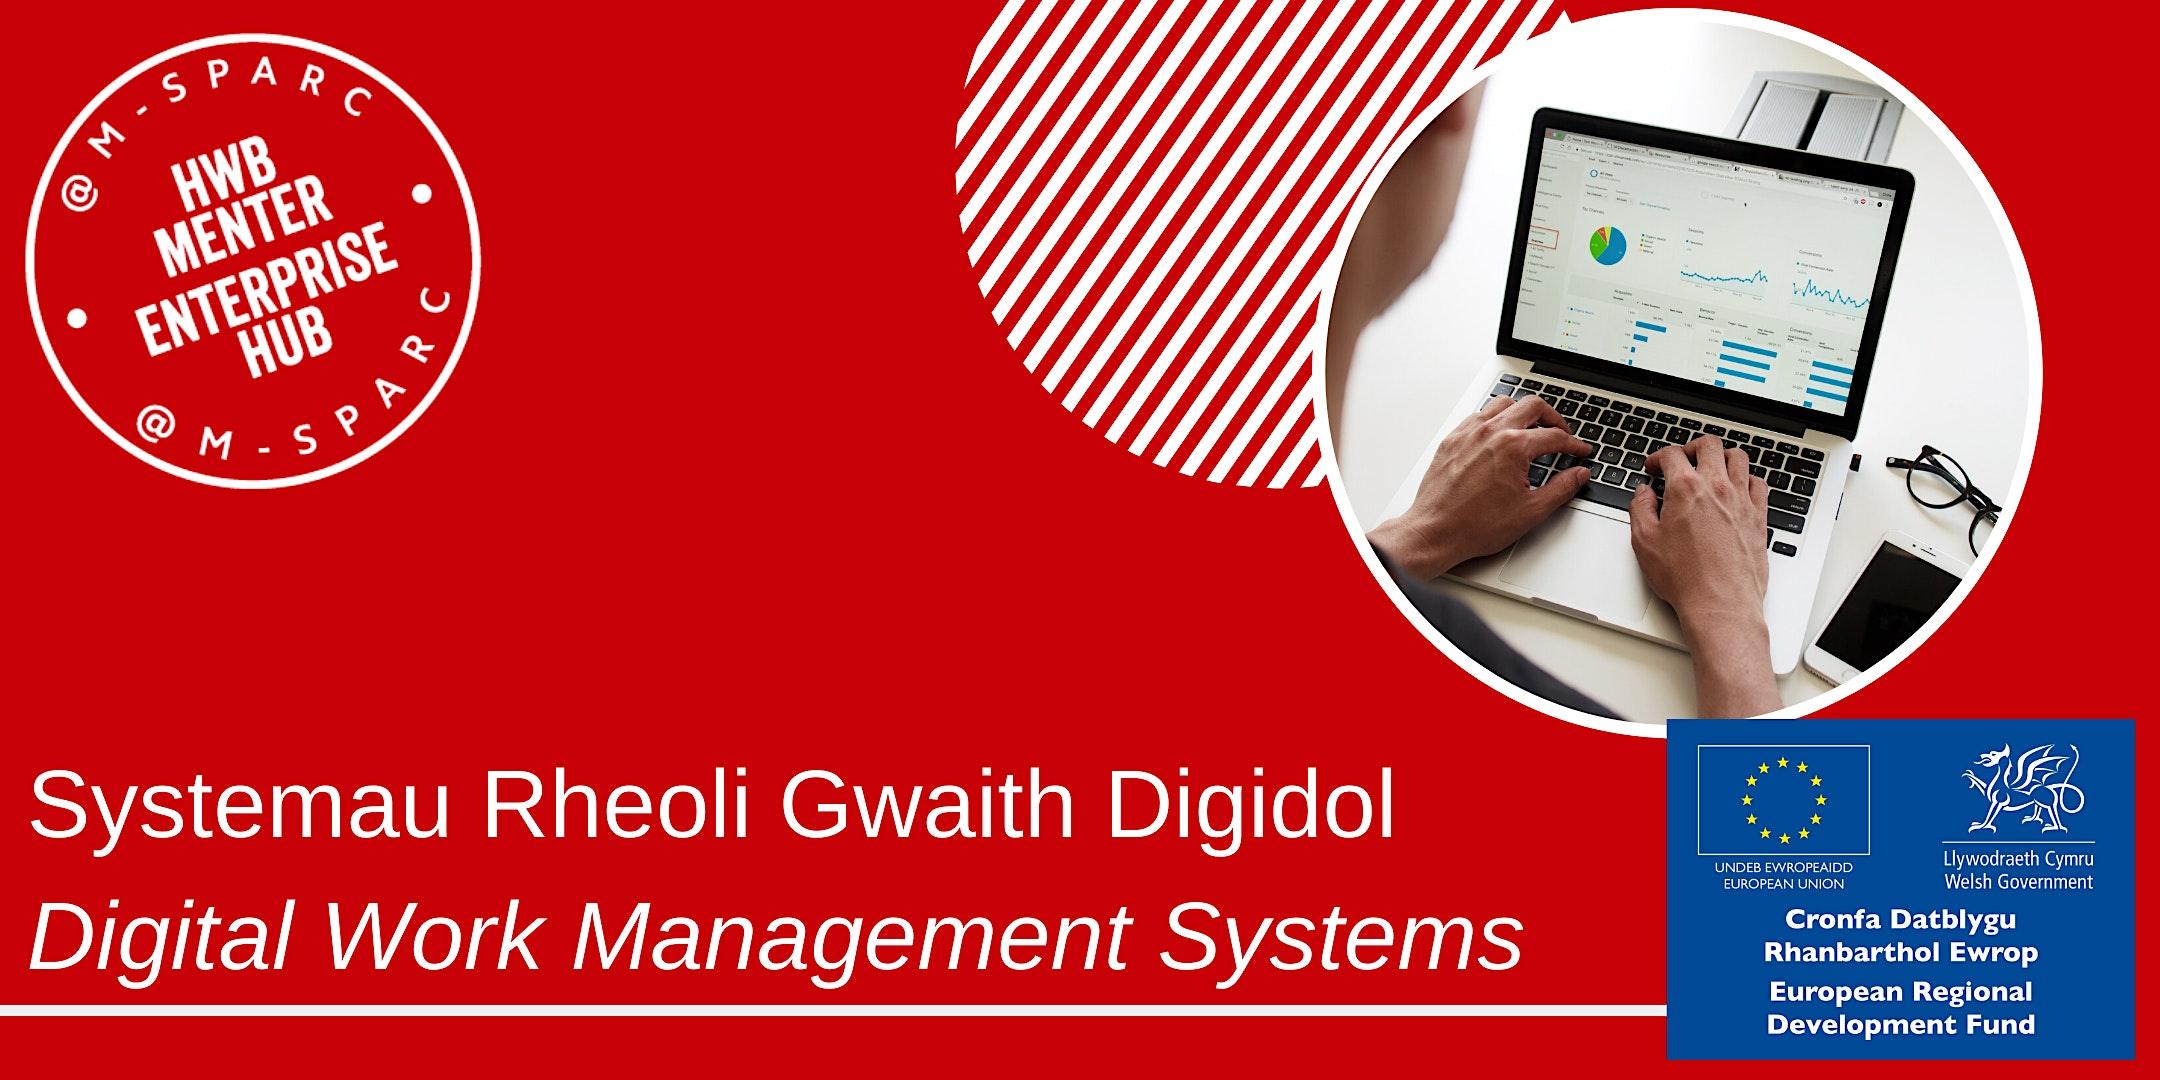 Covid-19:  Systemau Rheoli Gwaith Digidol / Digital Work Management Systems